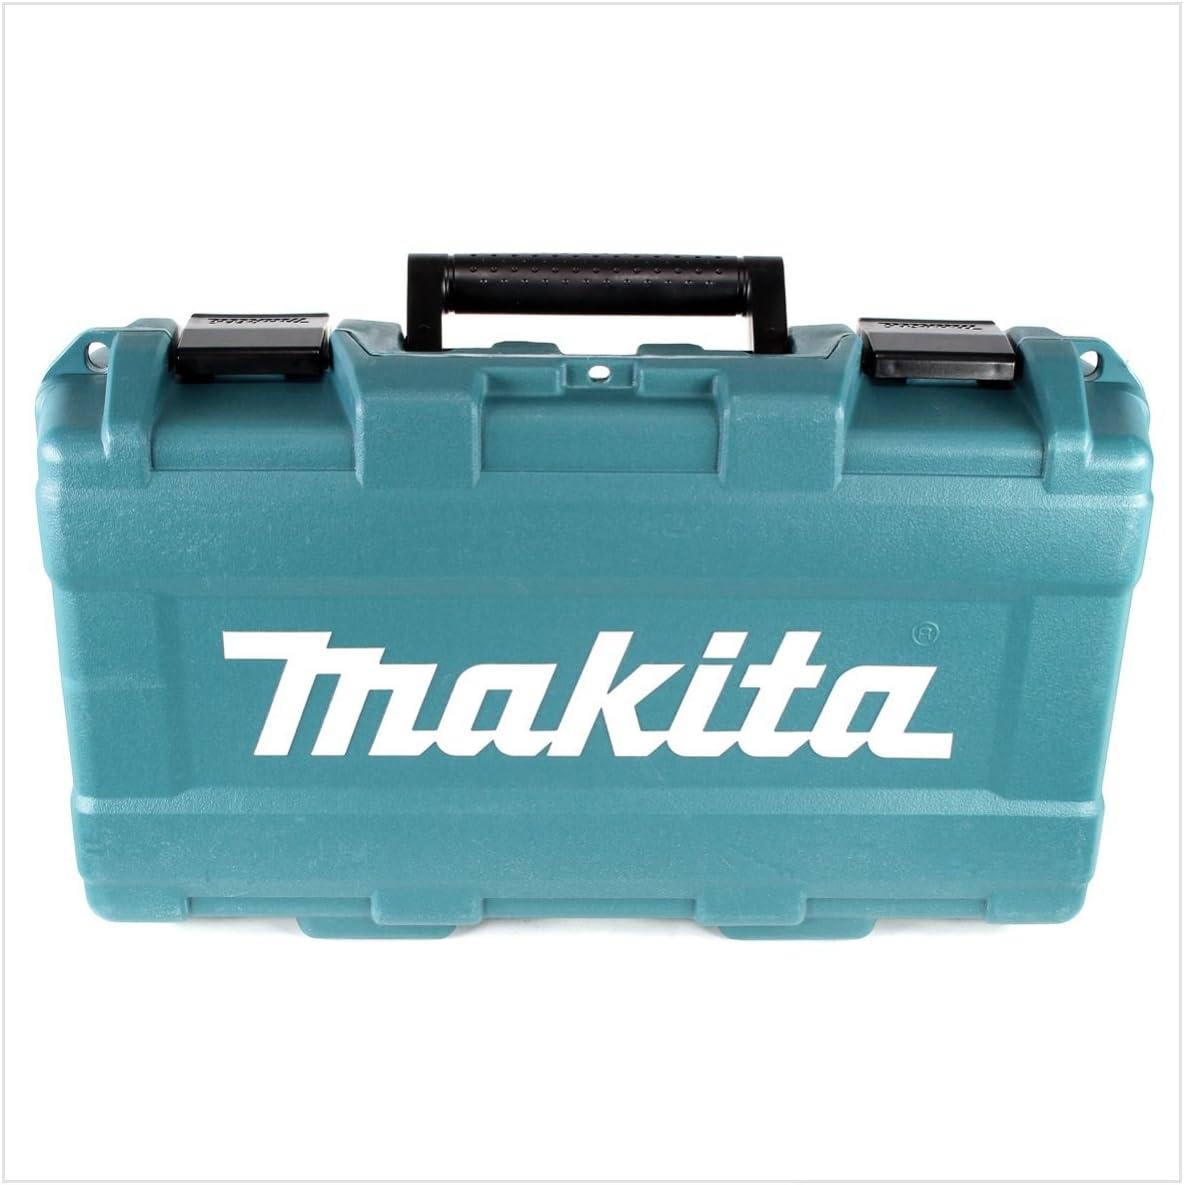 Koffer ohne Ladeger/ät Makita DJR 186 M1K Akku Recipros/äge 18V 1x Akku 4,0Ah